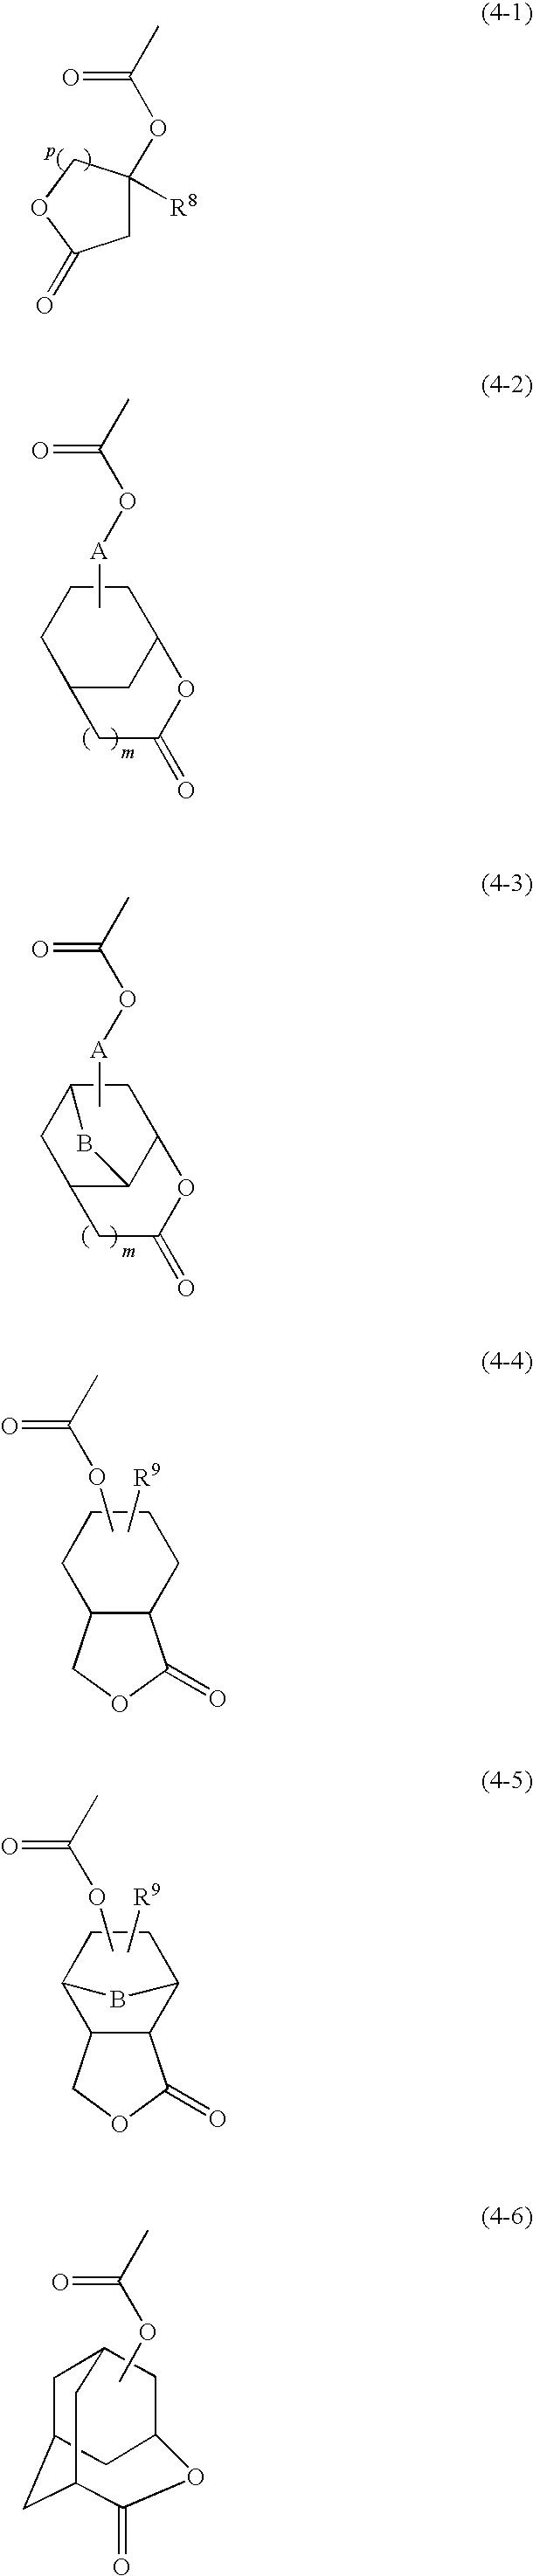 Figure US20100068650A1-20100318-C00056